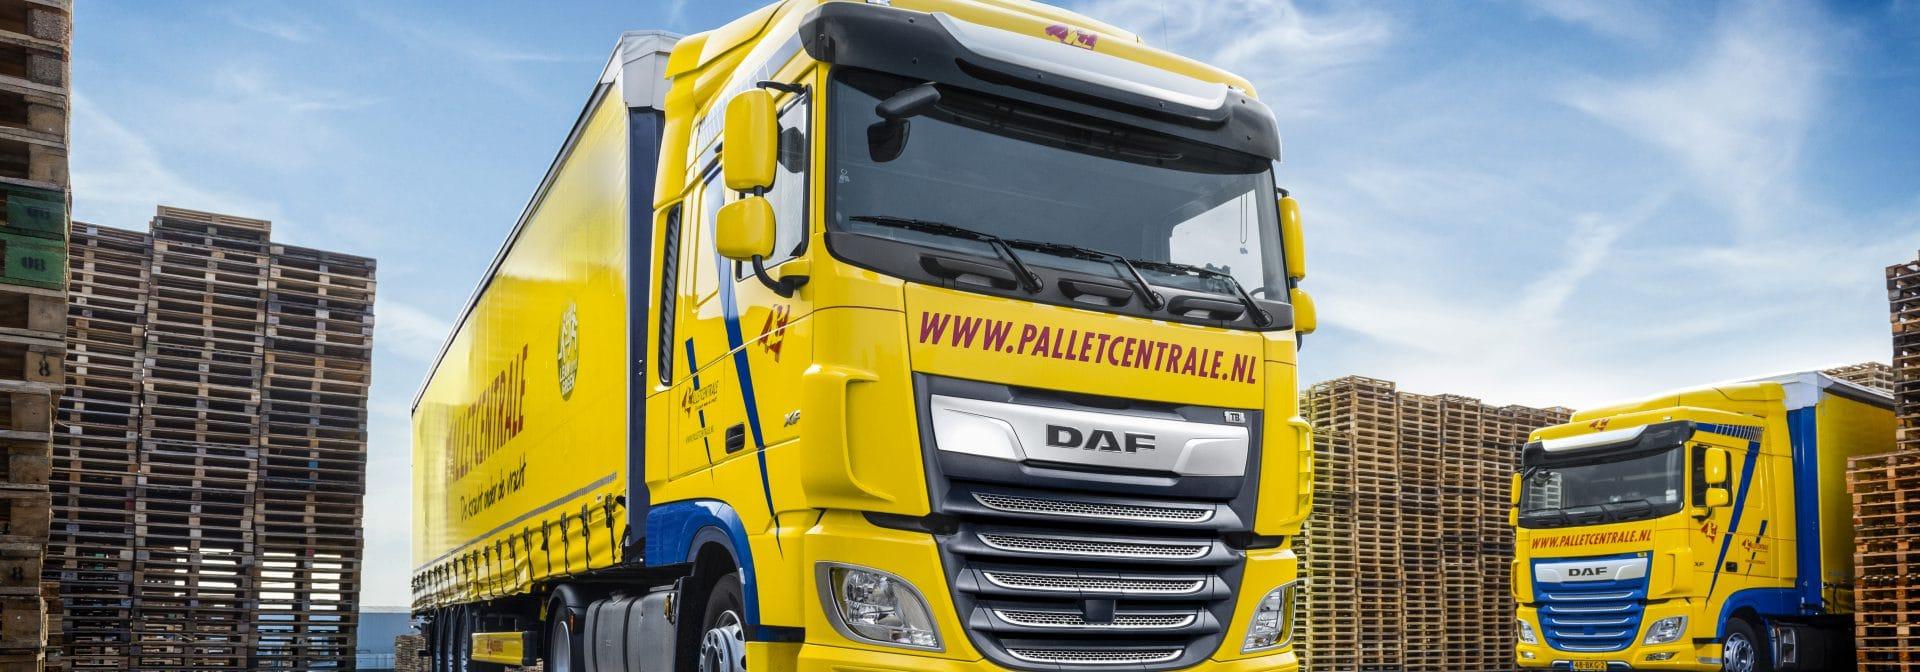 Vrachtwagen Palletcentrale